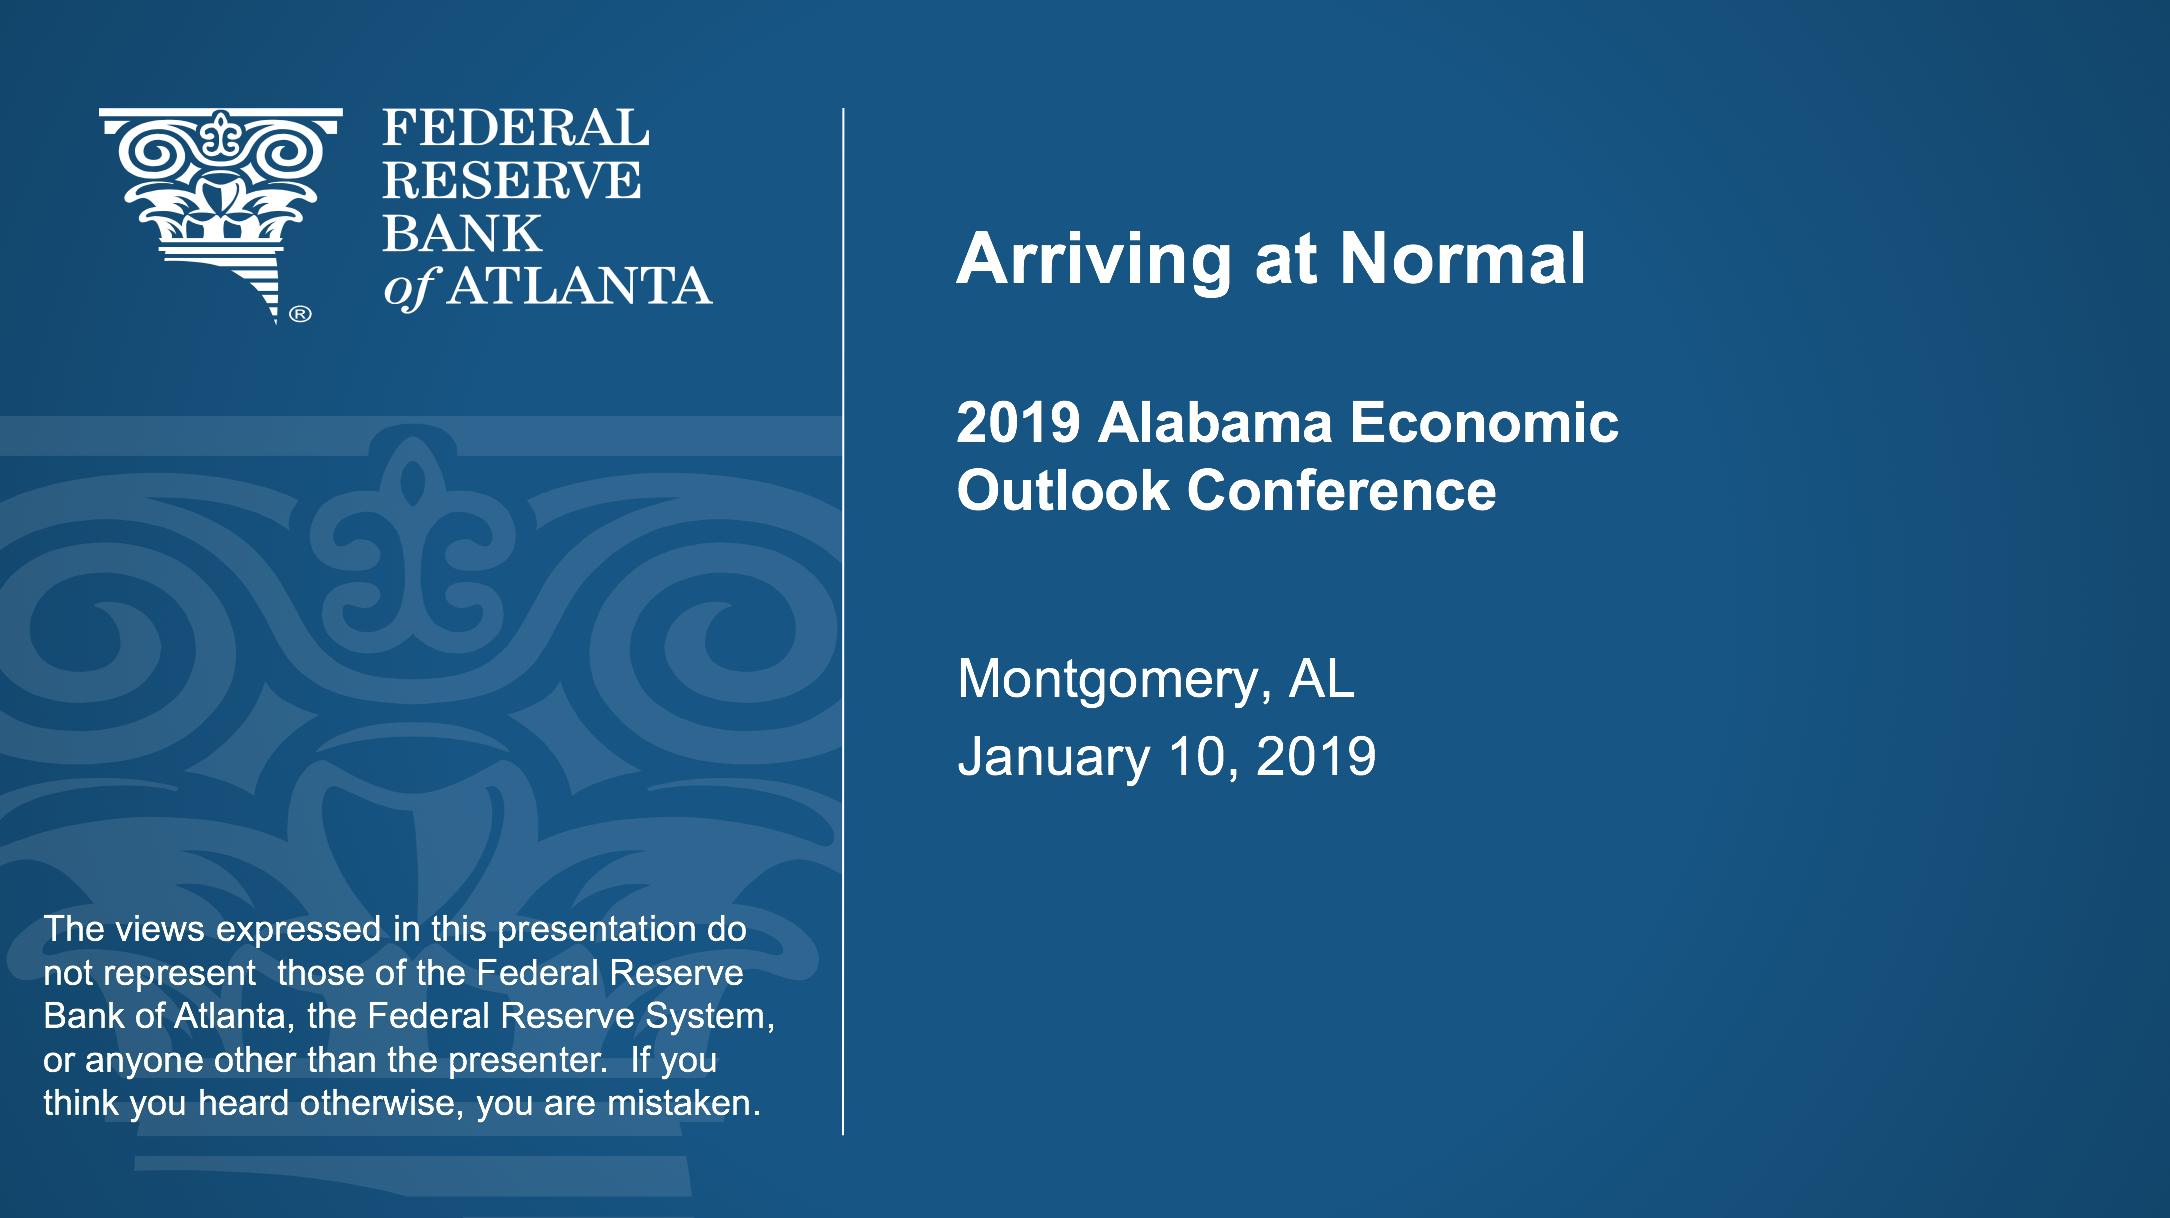 Arriving at Normal Presentation 2019